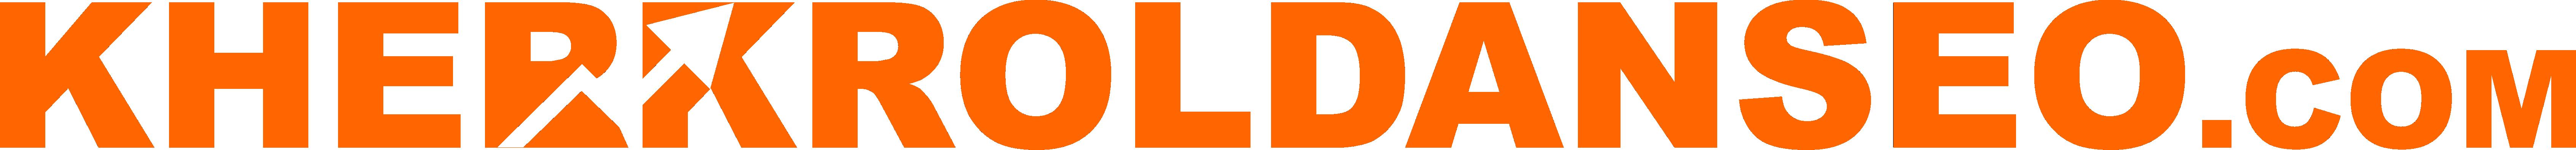 Kherk Roldan SEO logo